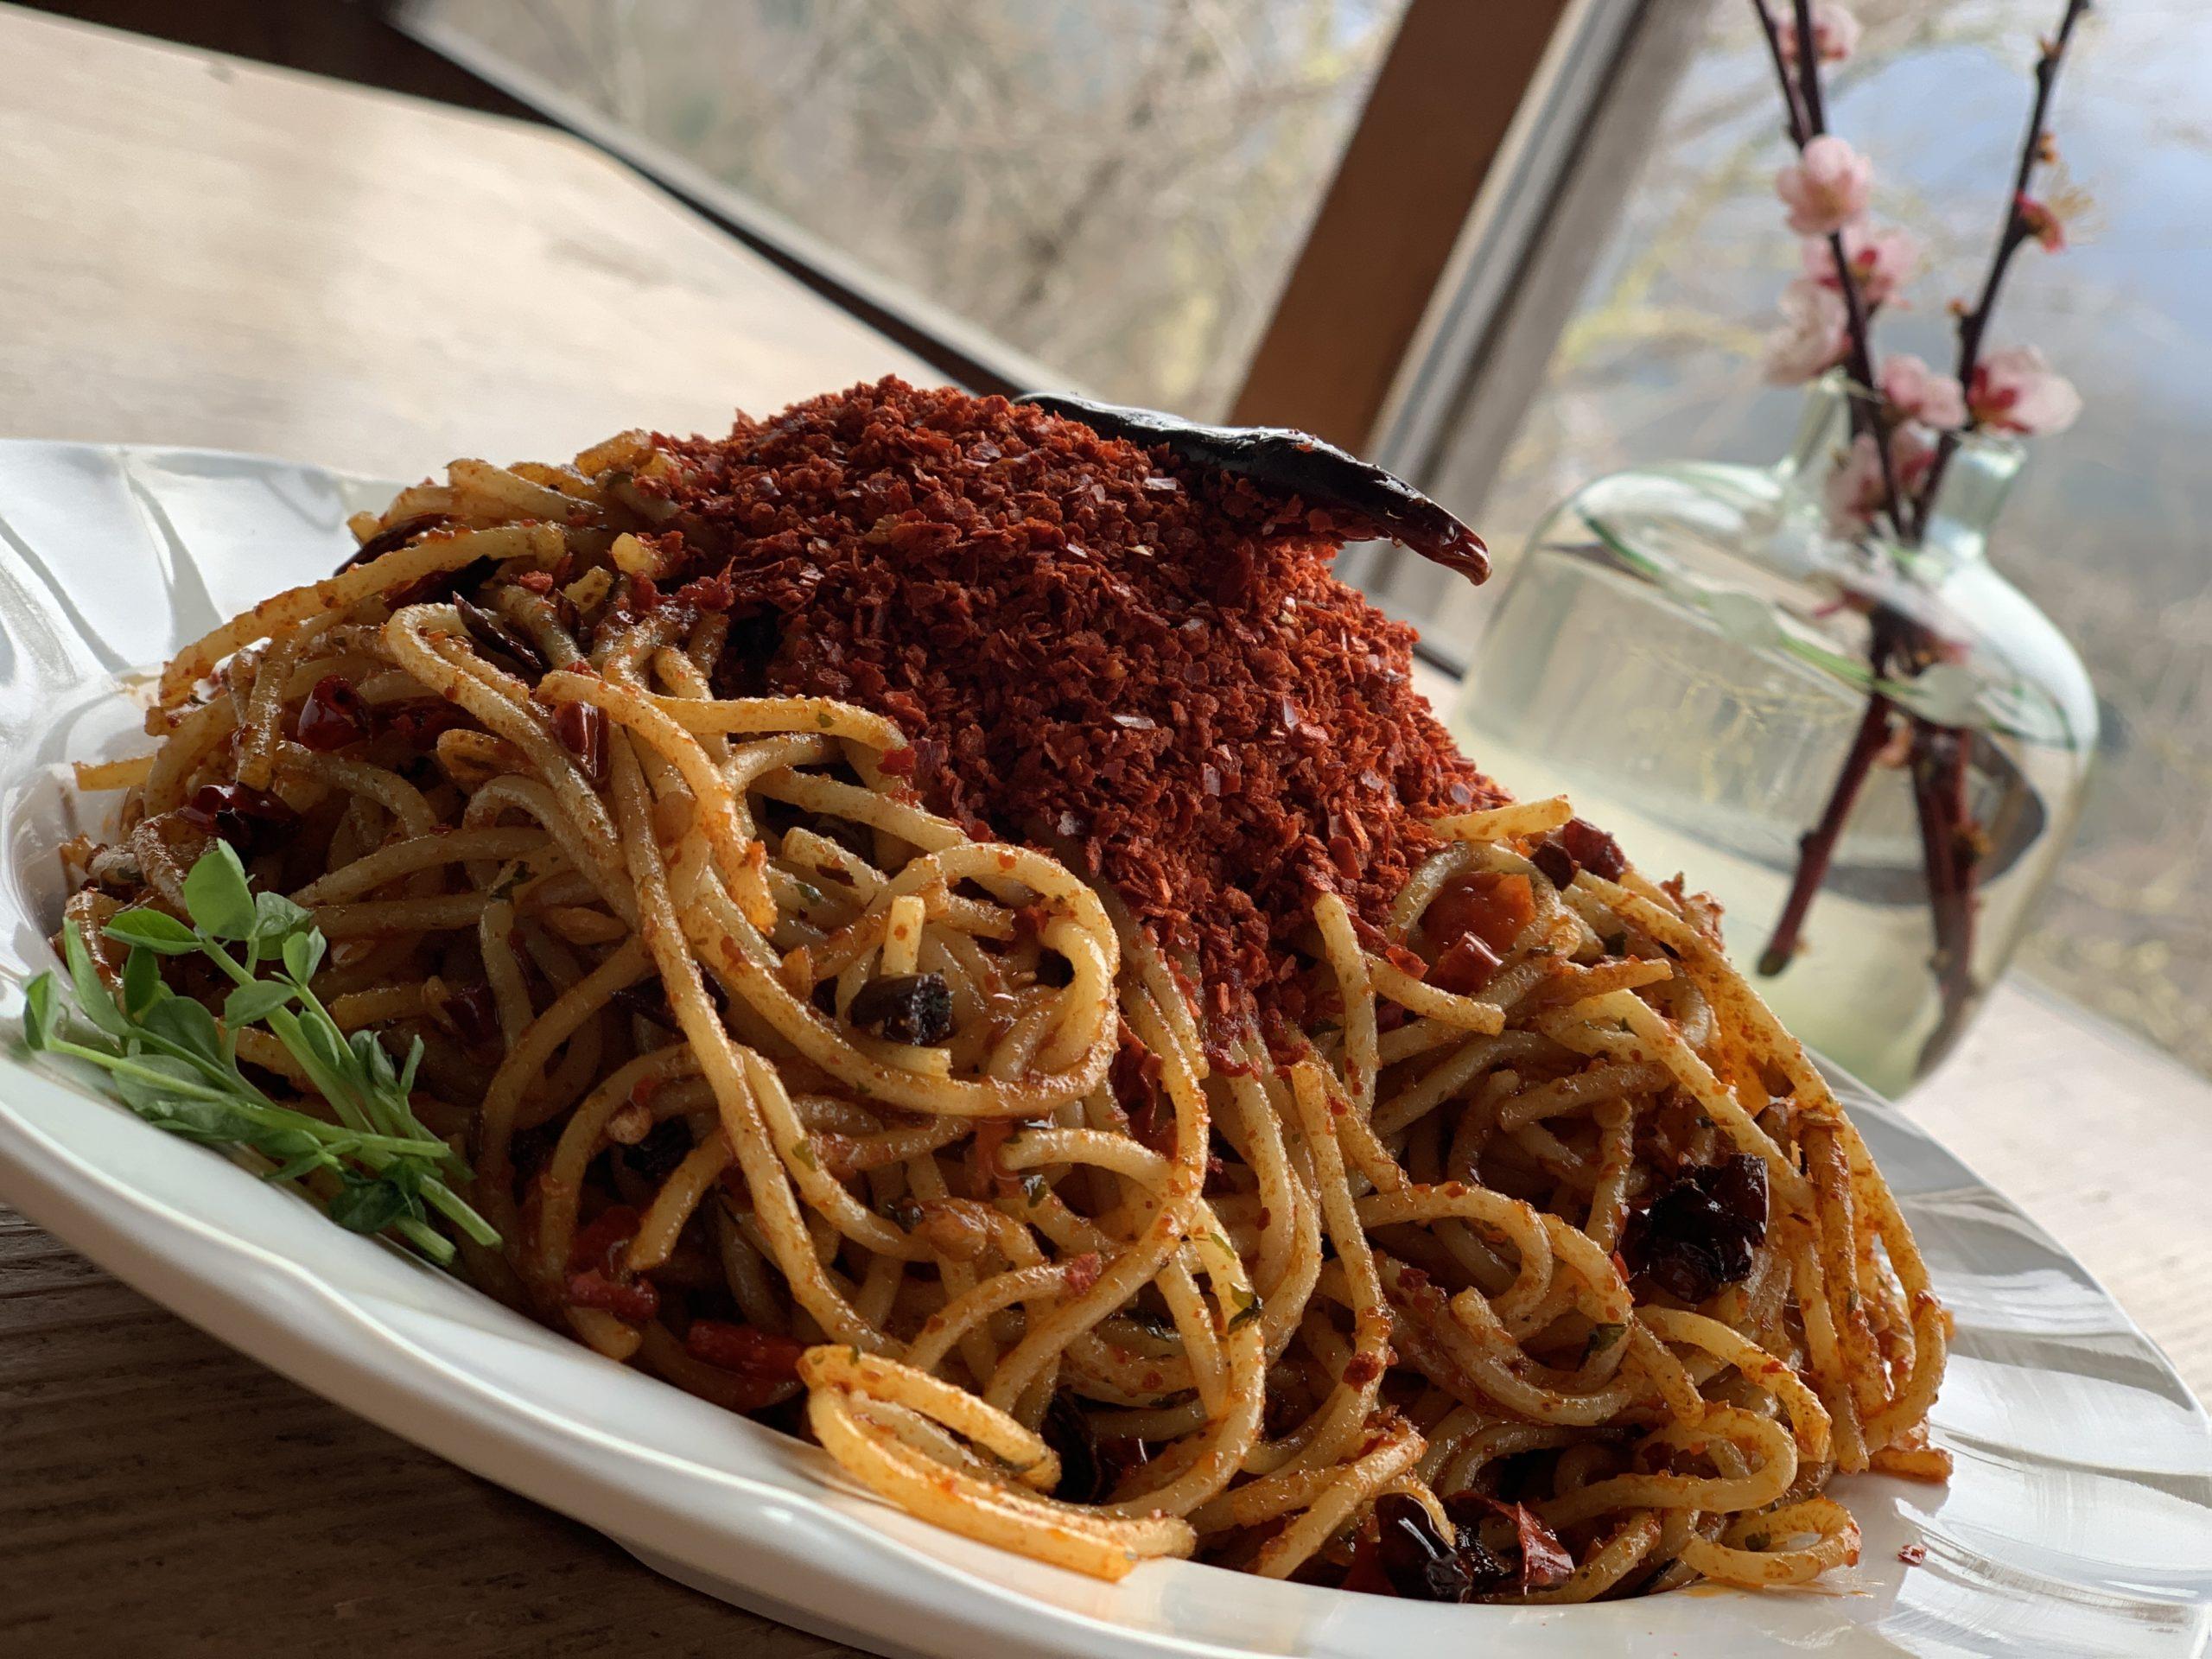 【制限時間10分】世界遺産の地で激辛パスタチャレンジ!【spicy pasta】